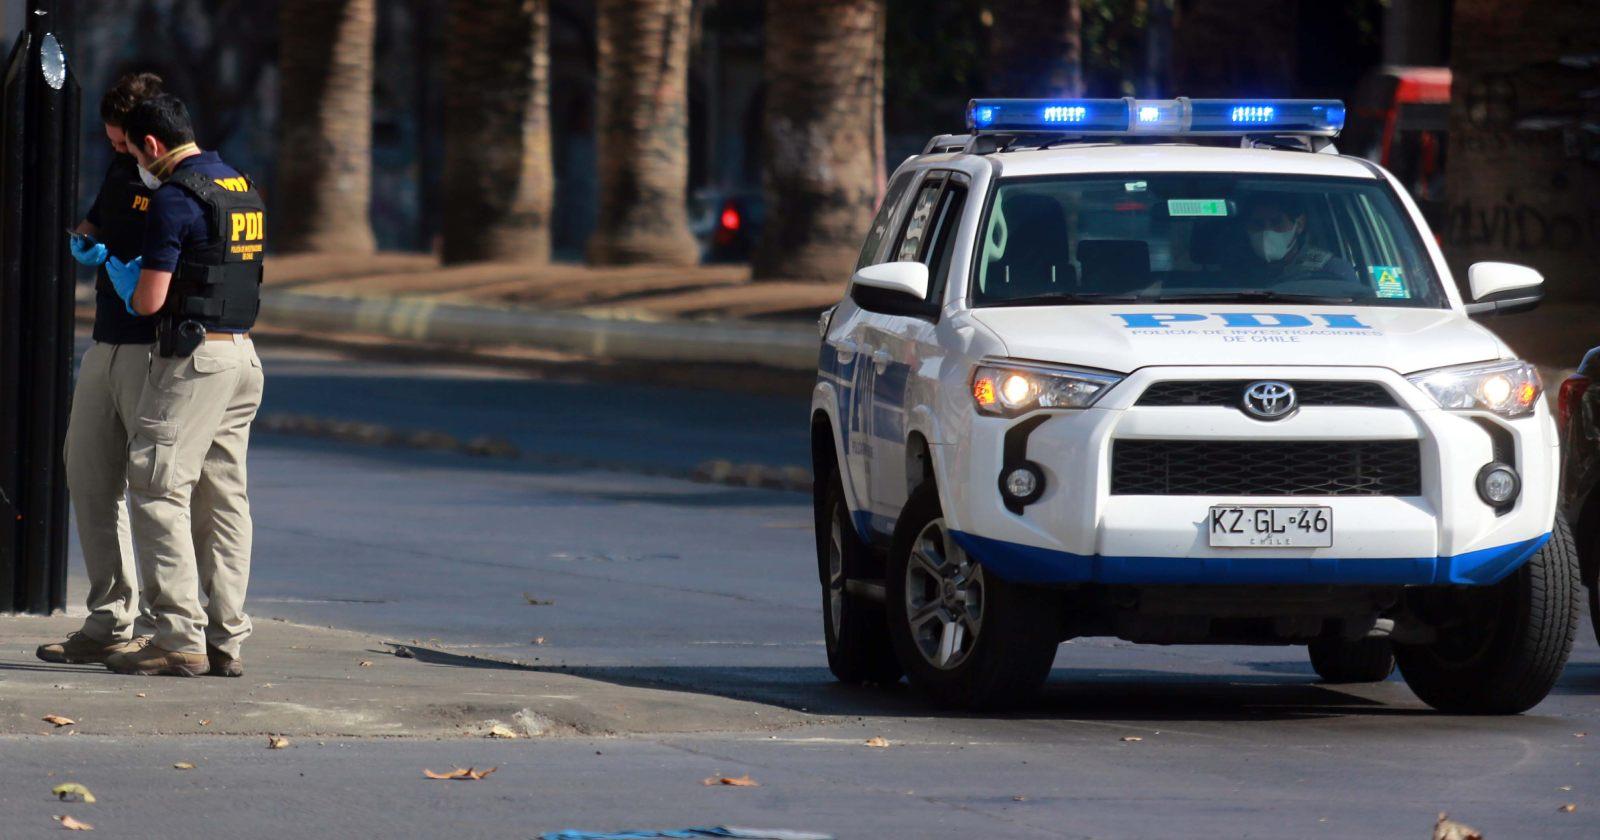 Sujetos quedaron en prisión preventiva tras violento asalto a conductor de aplicación